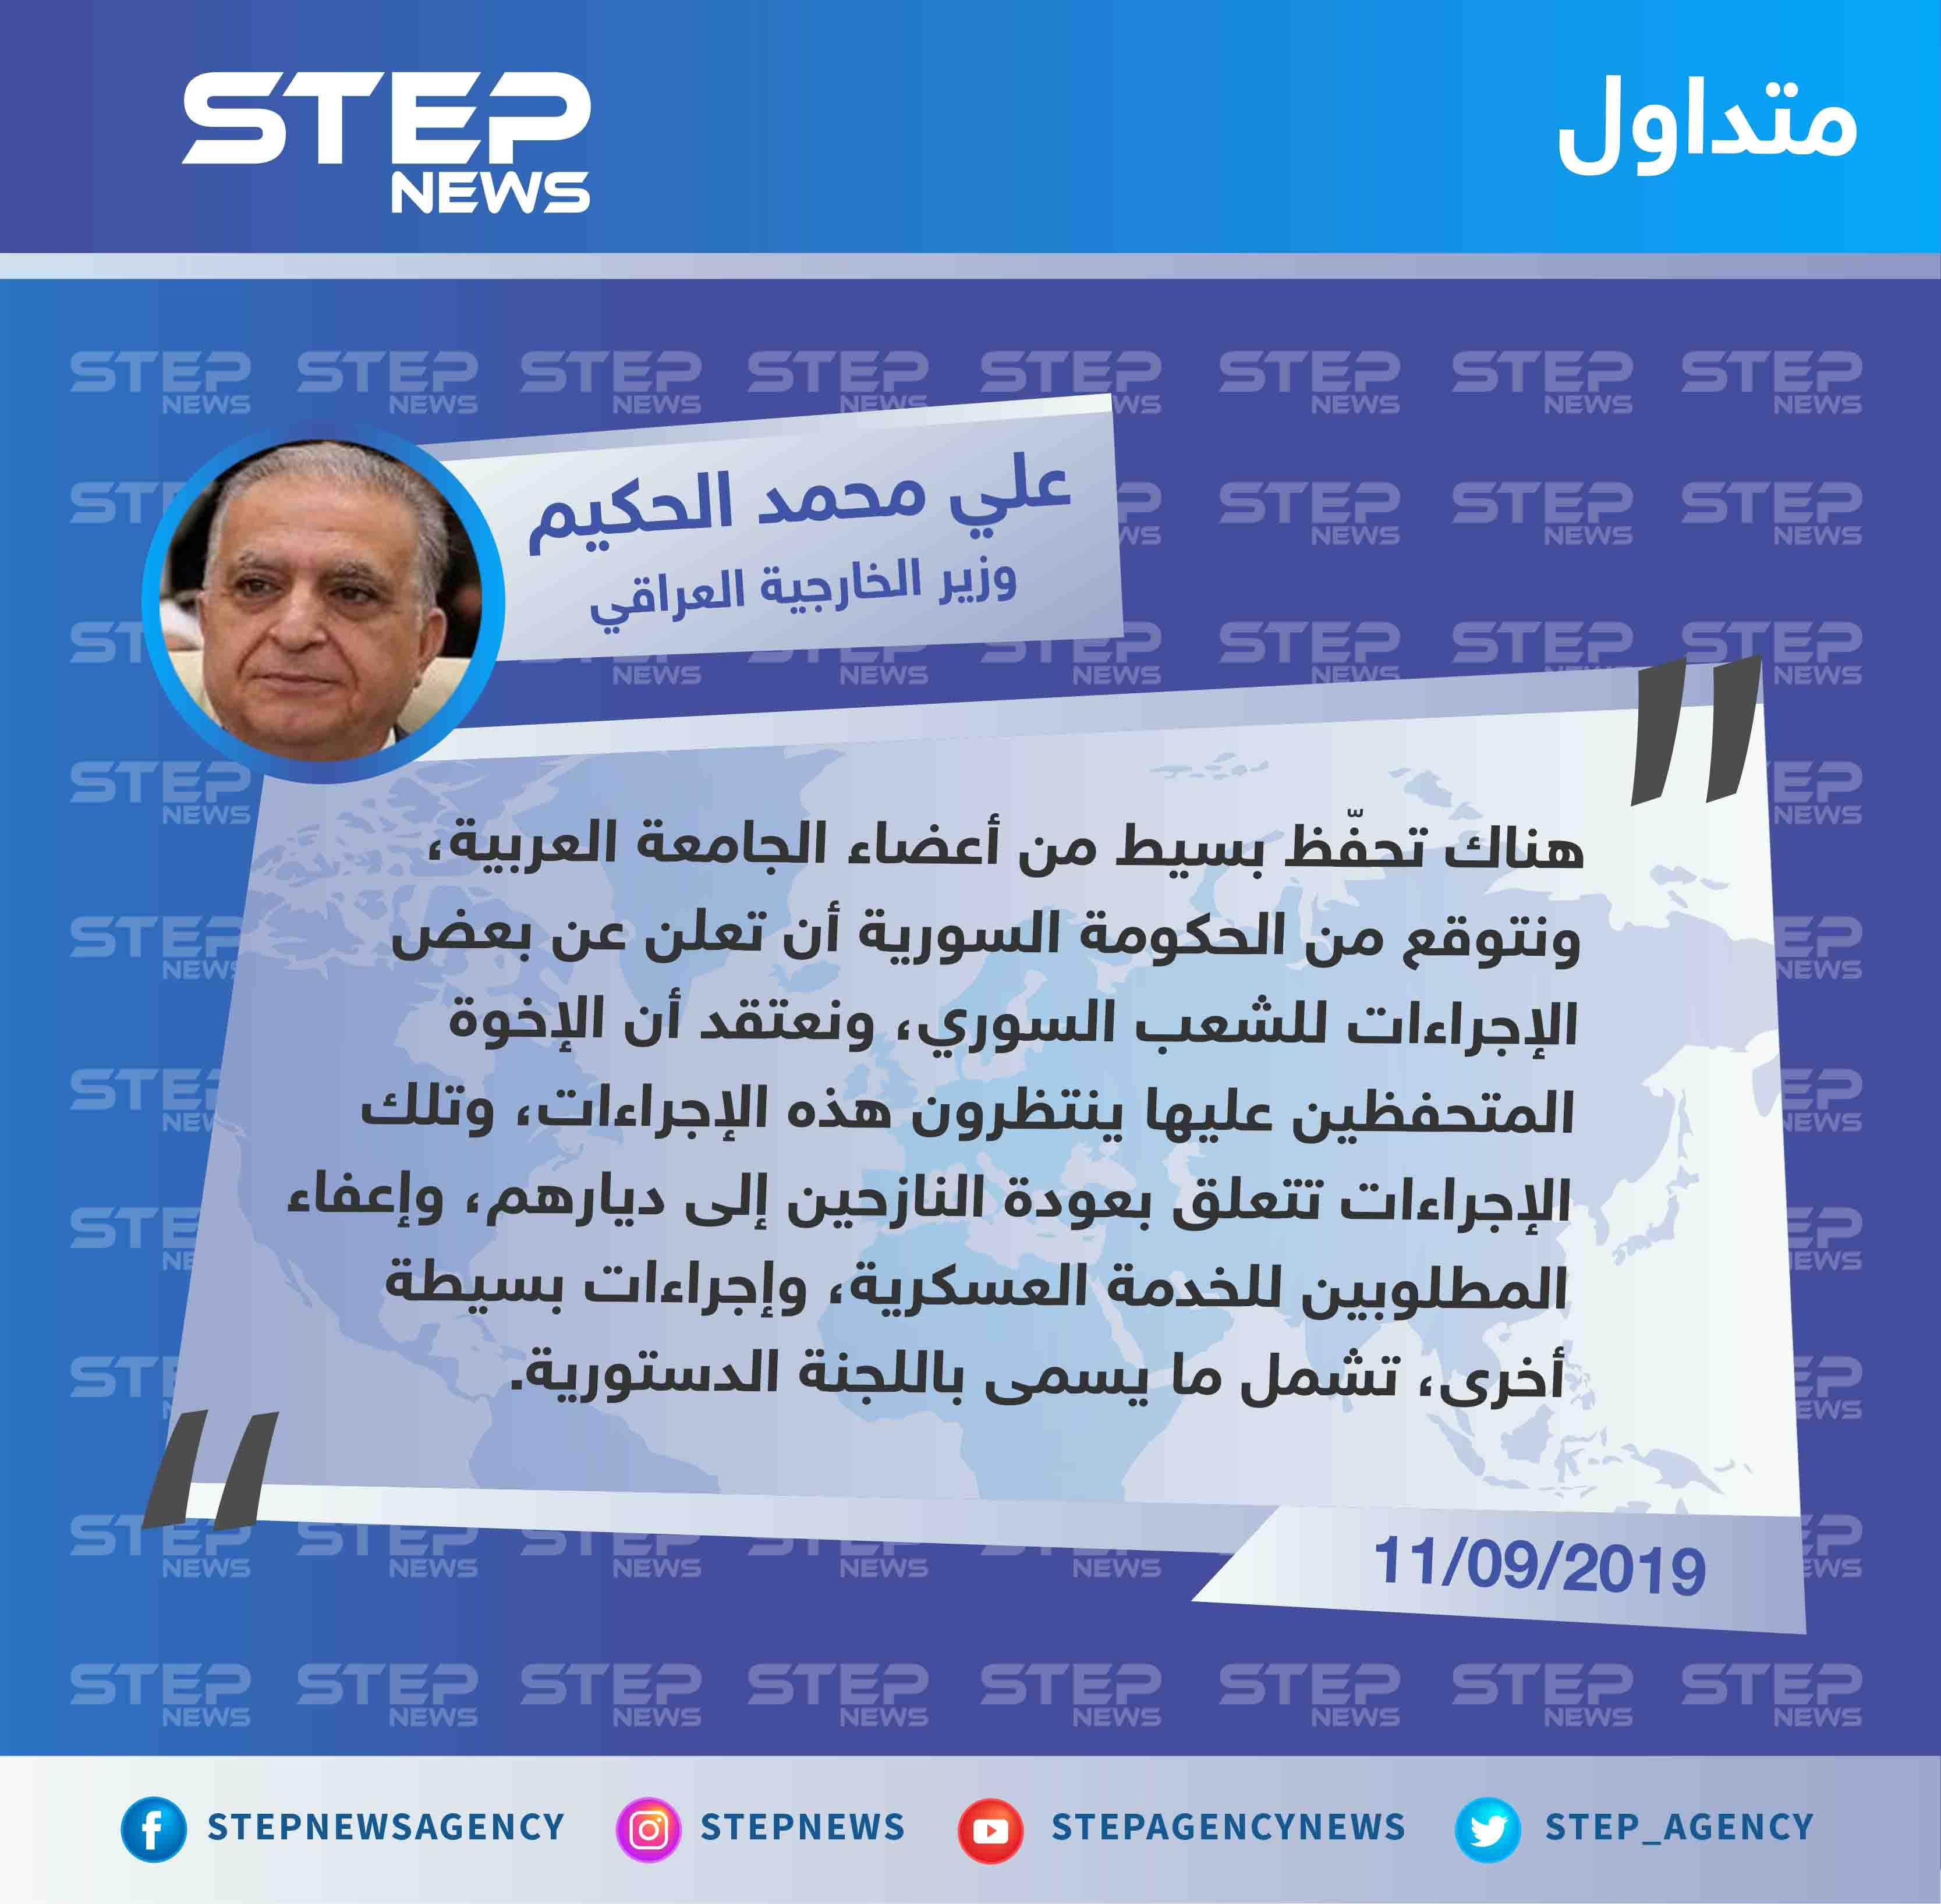 محاولات عربية لتعويم النظام السوري والعراق يسعى لإعادته إلى الجامعة العربية